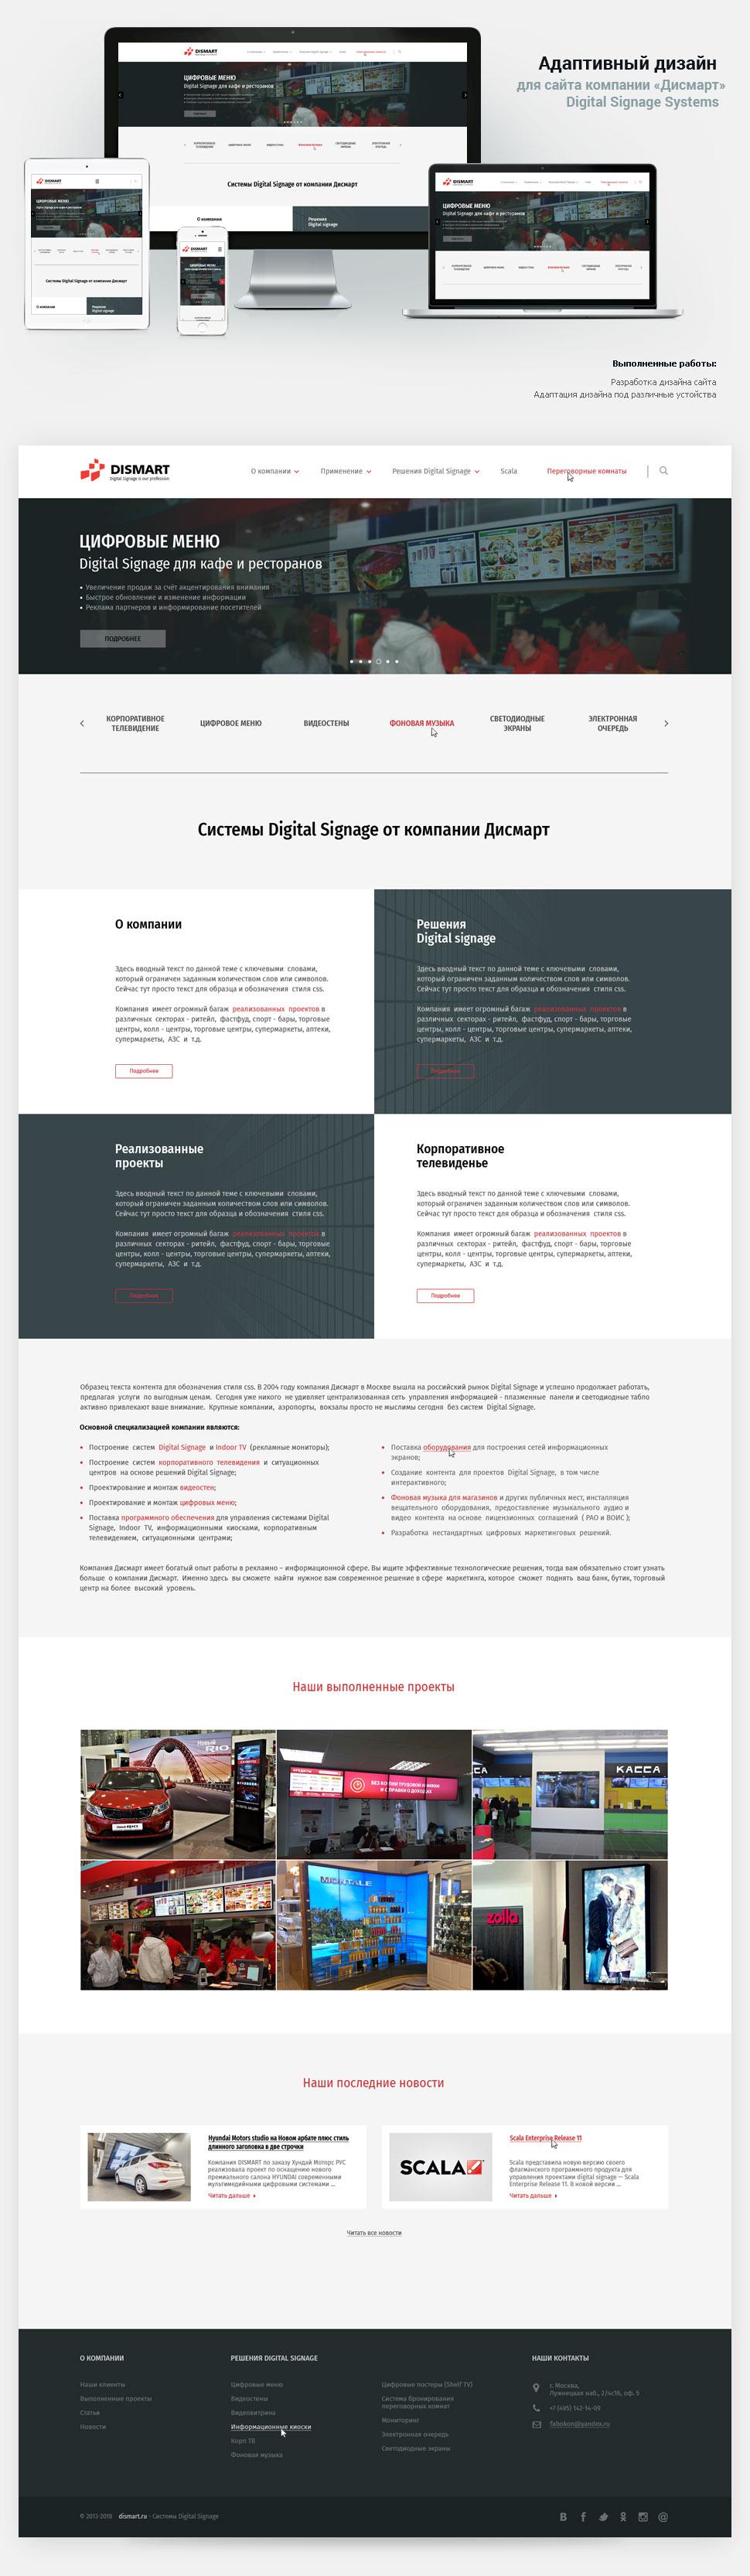 Дизайн сайта: Компания «Дисмарт». Автор: di56.ru - дизайнер Дмитрий Ковалёв.